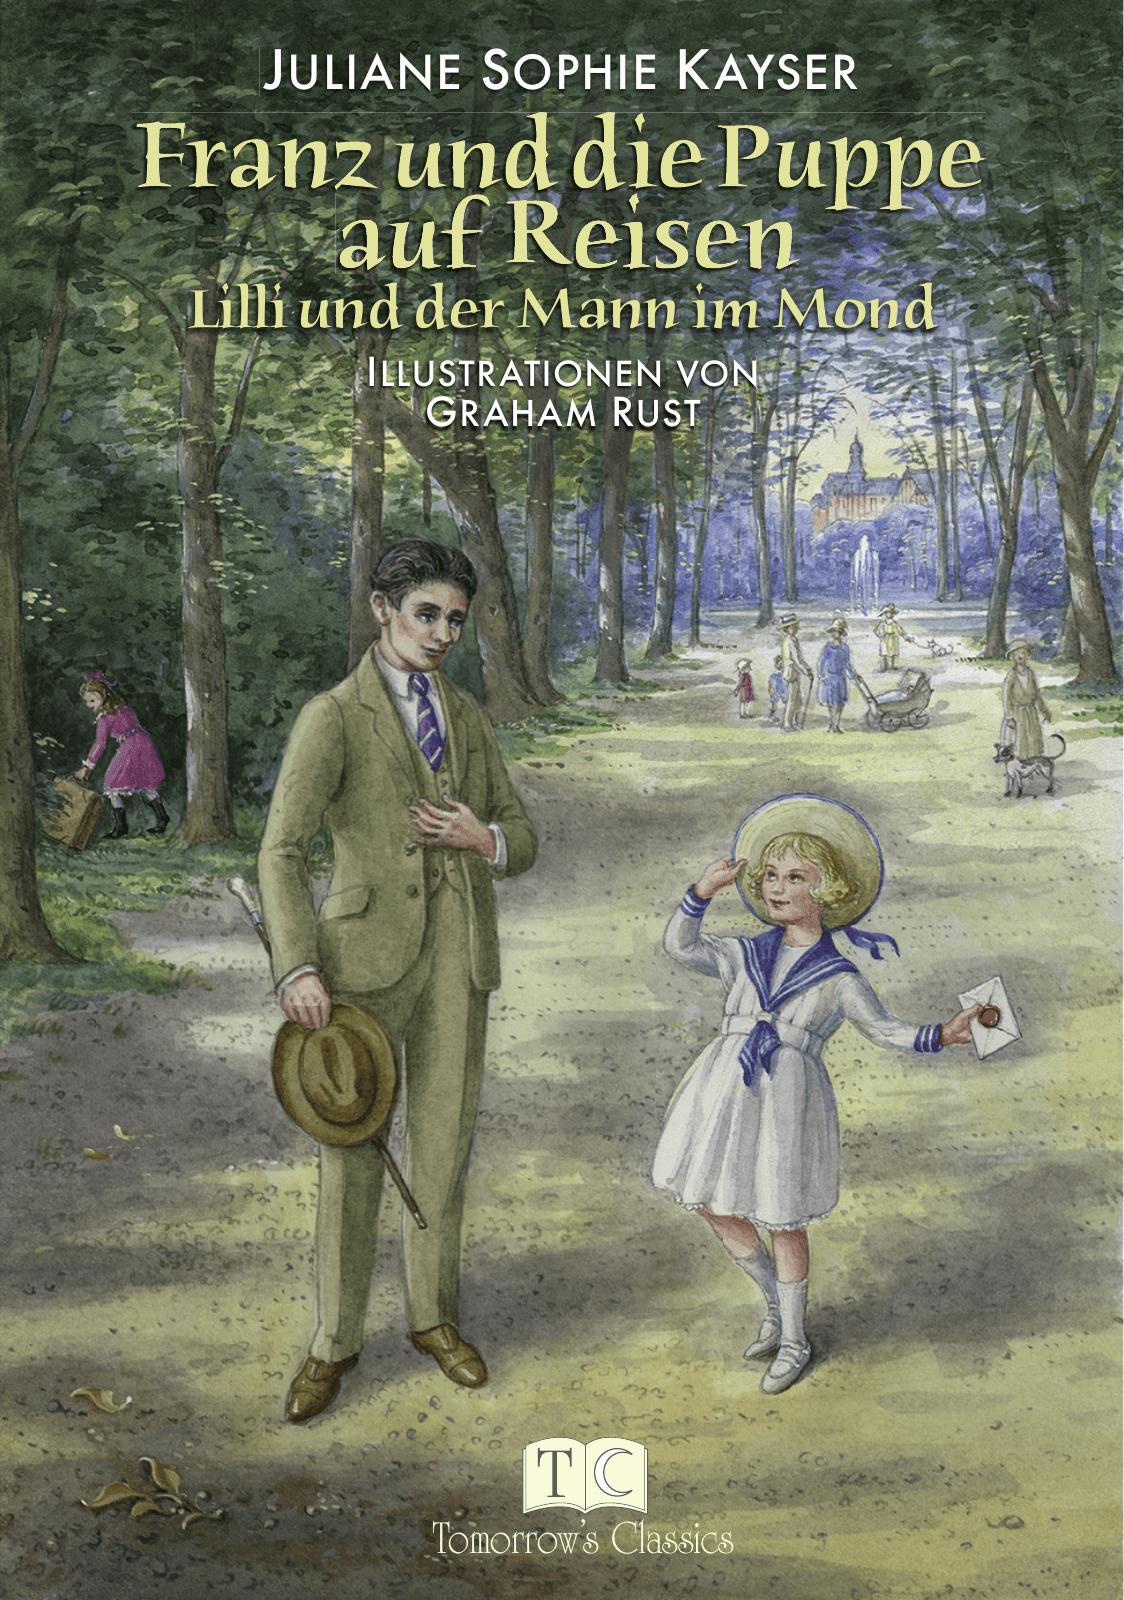 Franz und die Puppe auf Reisen